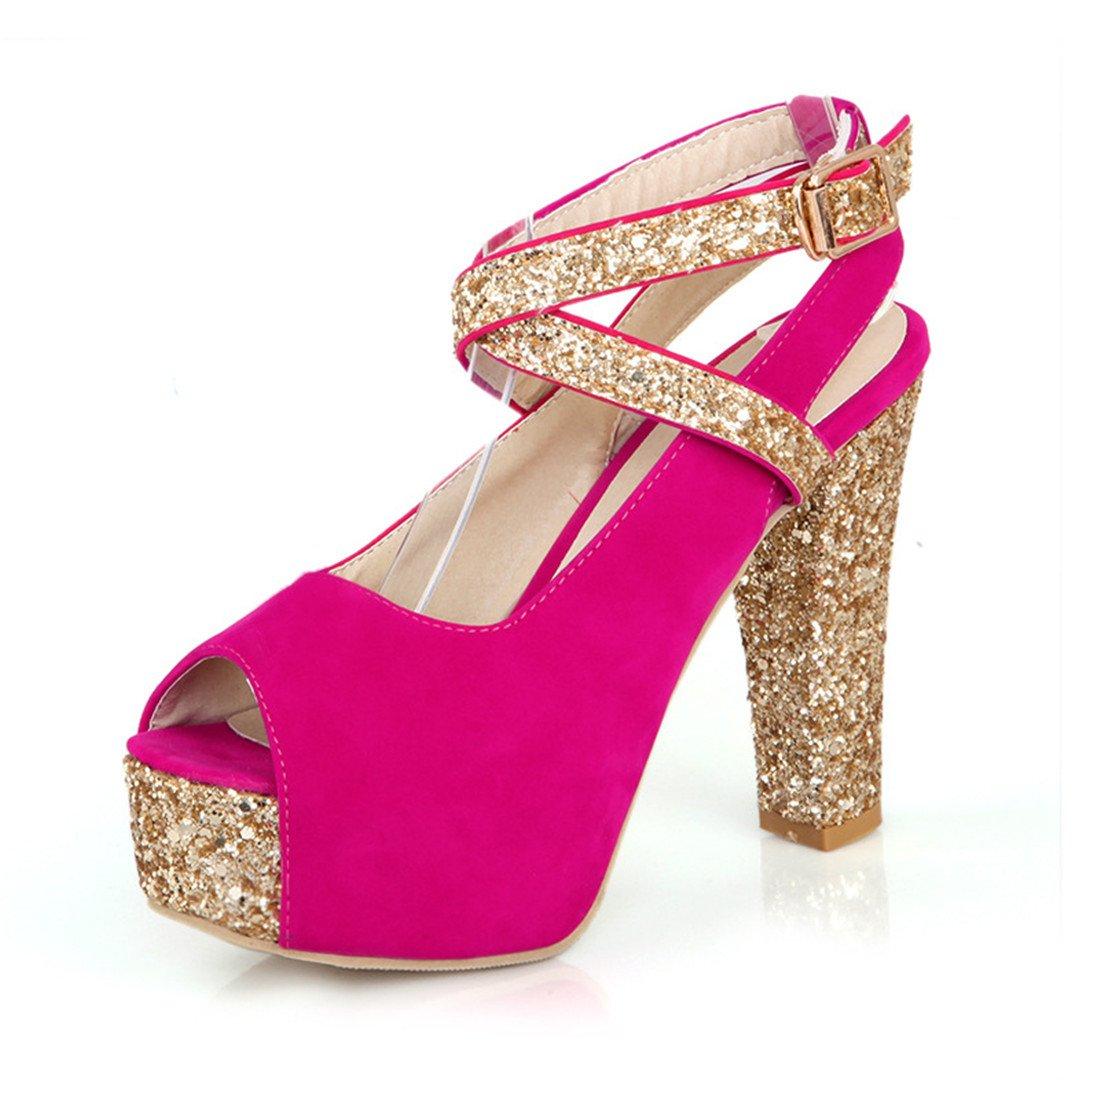 Damen High Heels Sommer Sandalen Wasserdichte Plattform Zehe Knöchel Court Schuhe Große Größe Lady's Party Pumps Schuhe 32-43